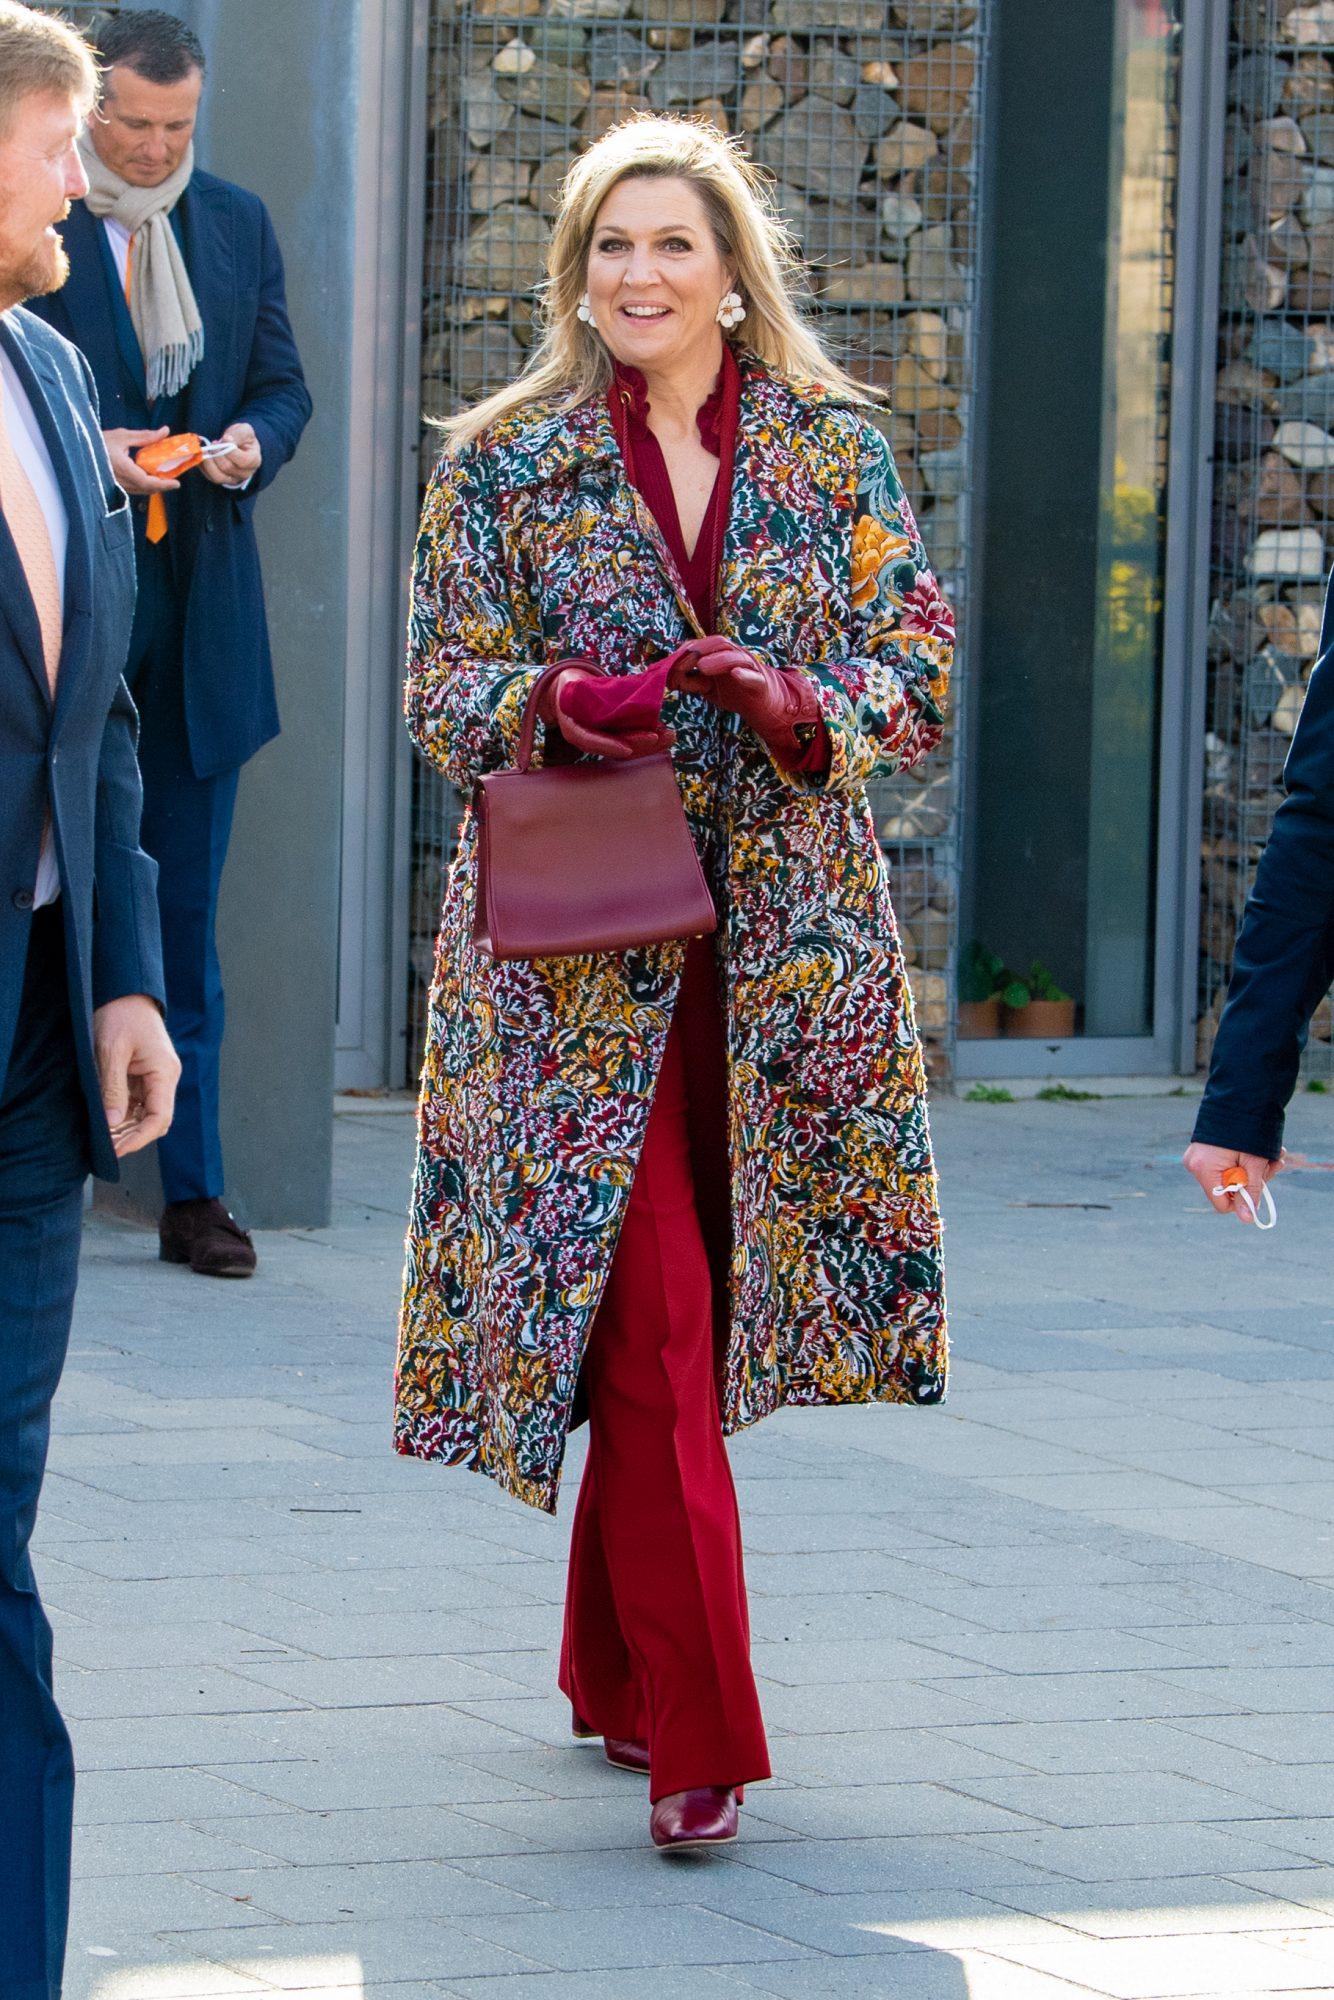 Llega la primavera al traje de la reina Máxima de Holanda